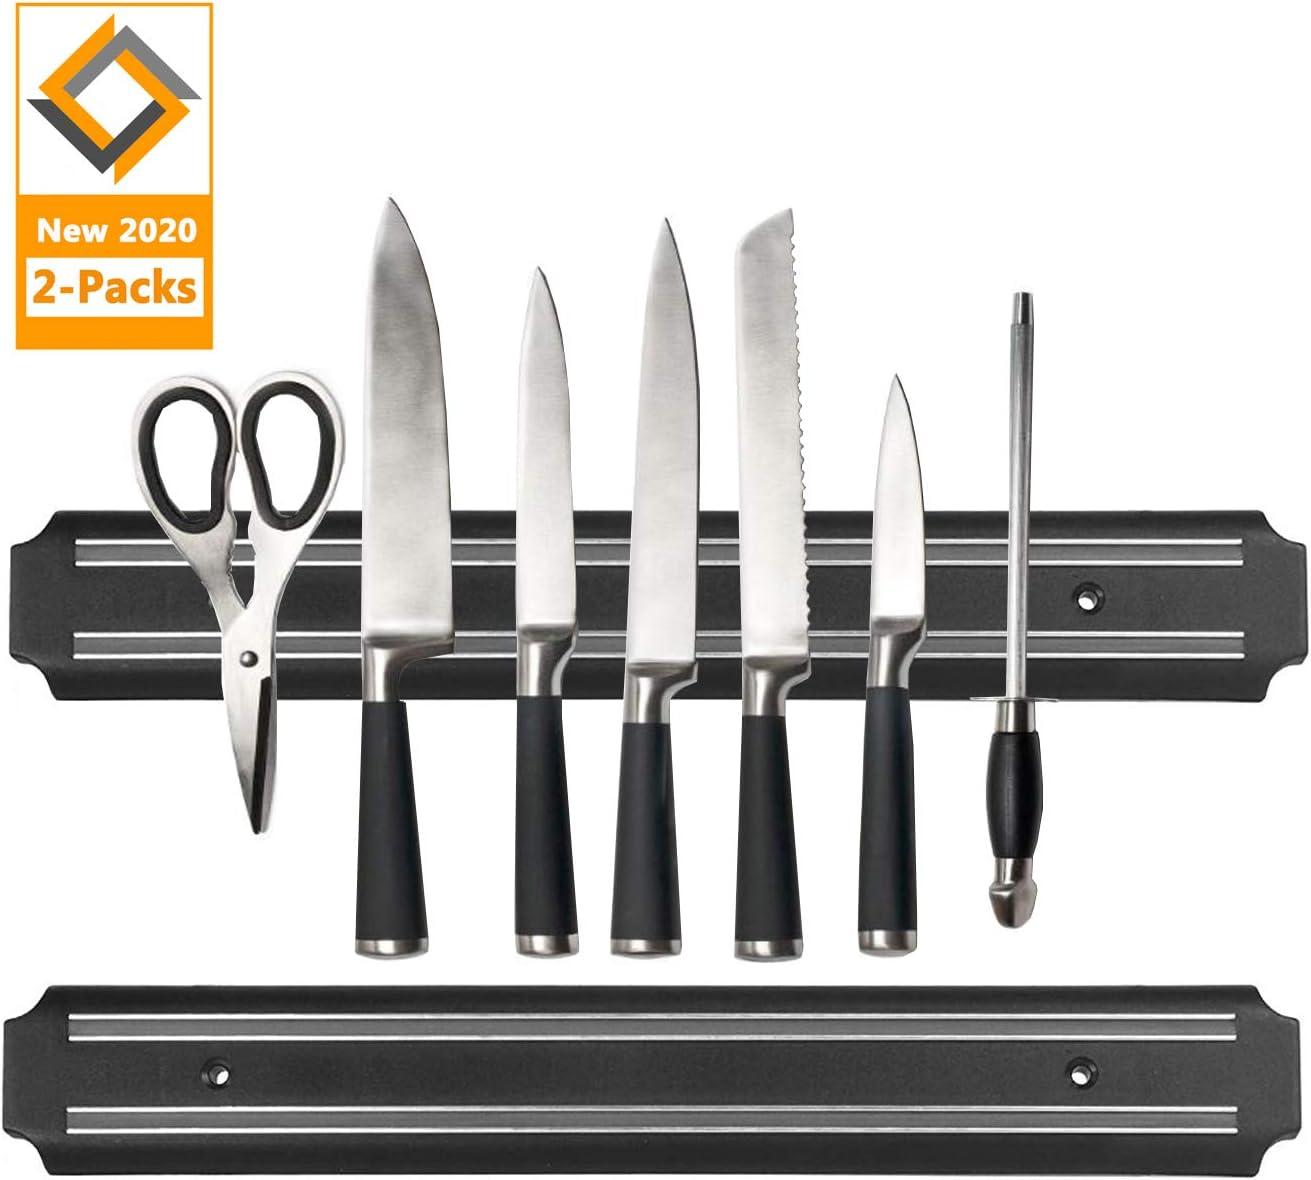 Magnetic Knife Strips, 15 Inch Magnetic Knife Storage Strip, Knife Holder, Knife Bar Block Magnet, Kitchen Utensil Holder, Tool Holder, Multipurpose Magnetic Knife Rack (2 Pack)